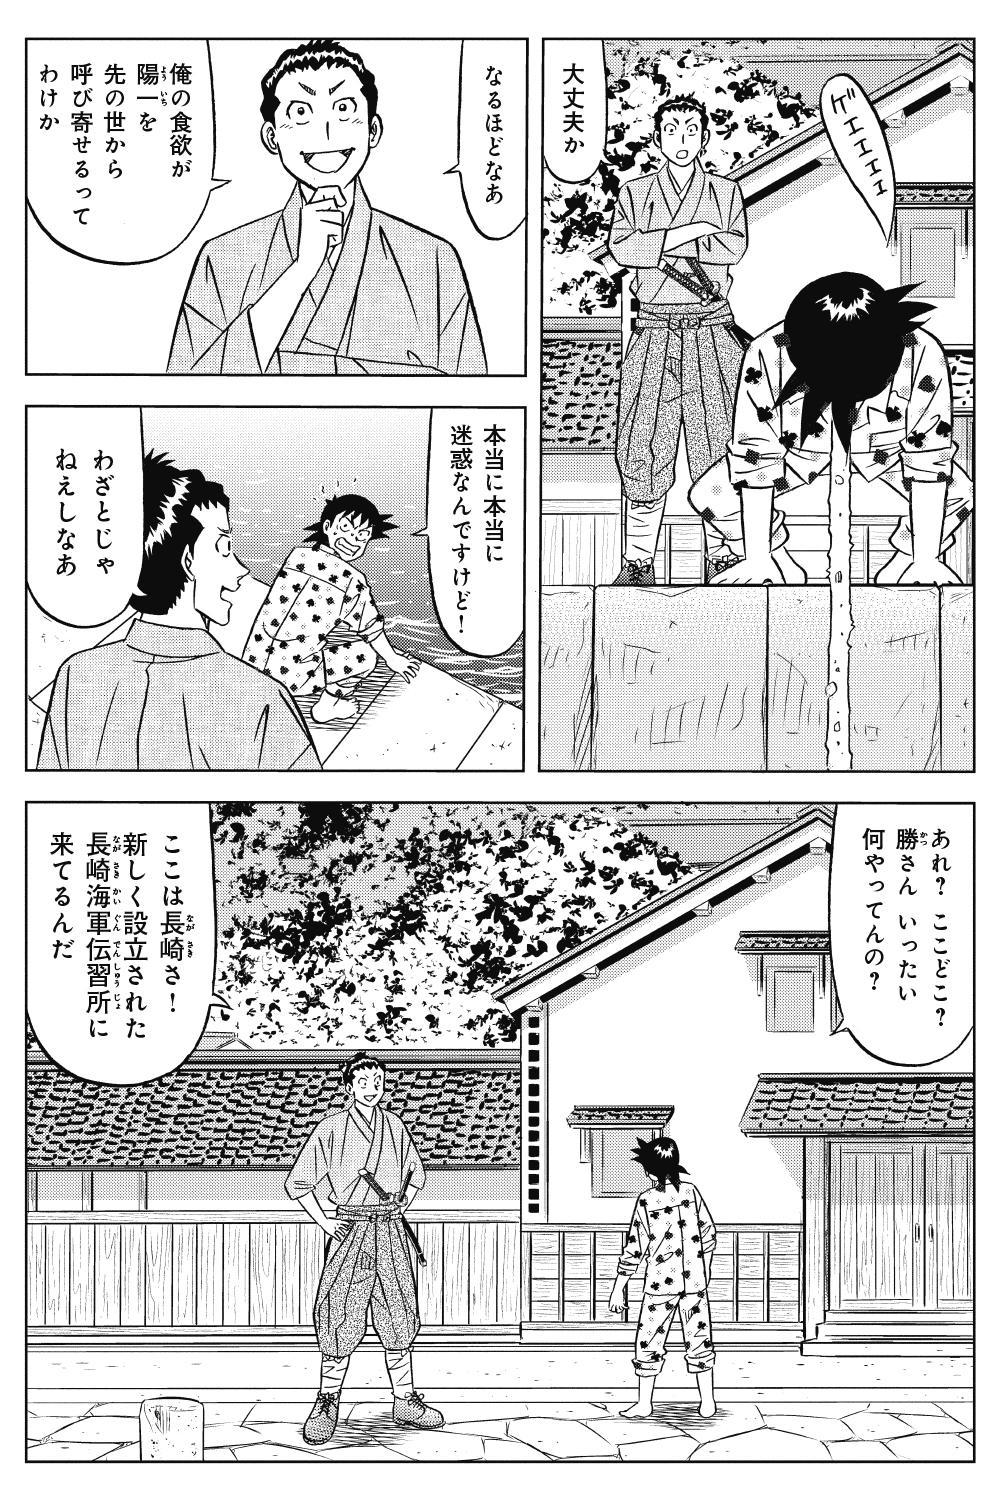 ミスター味っ子 幕末編 第2話「列強襲来」①ajikko2-1-3.jpg